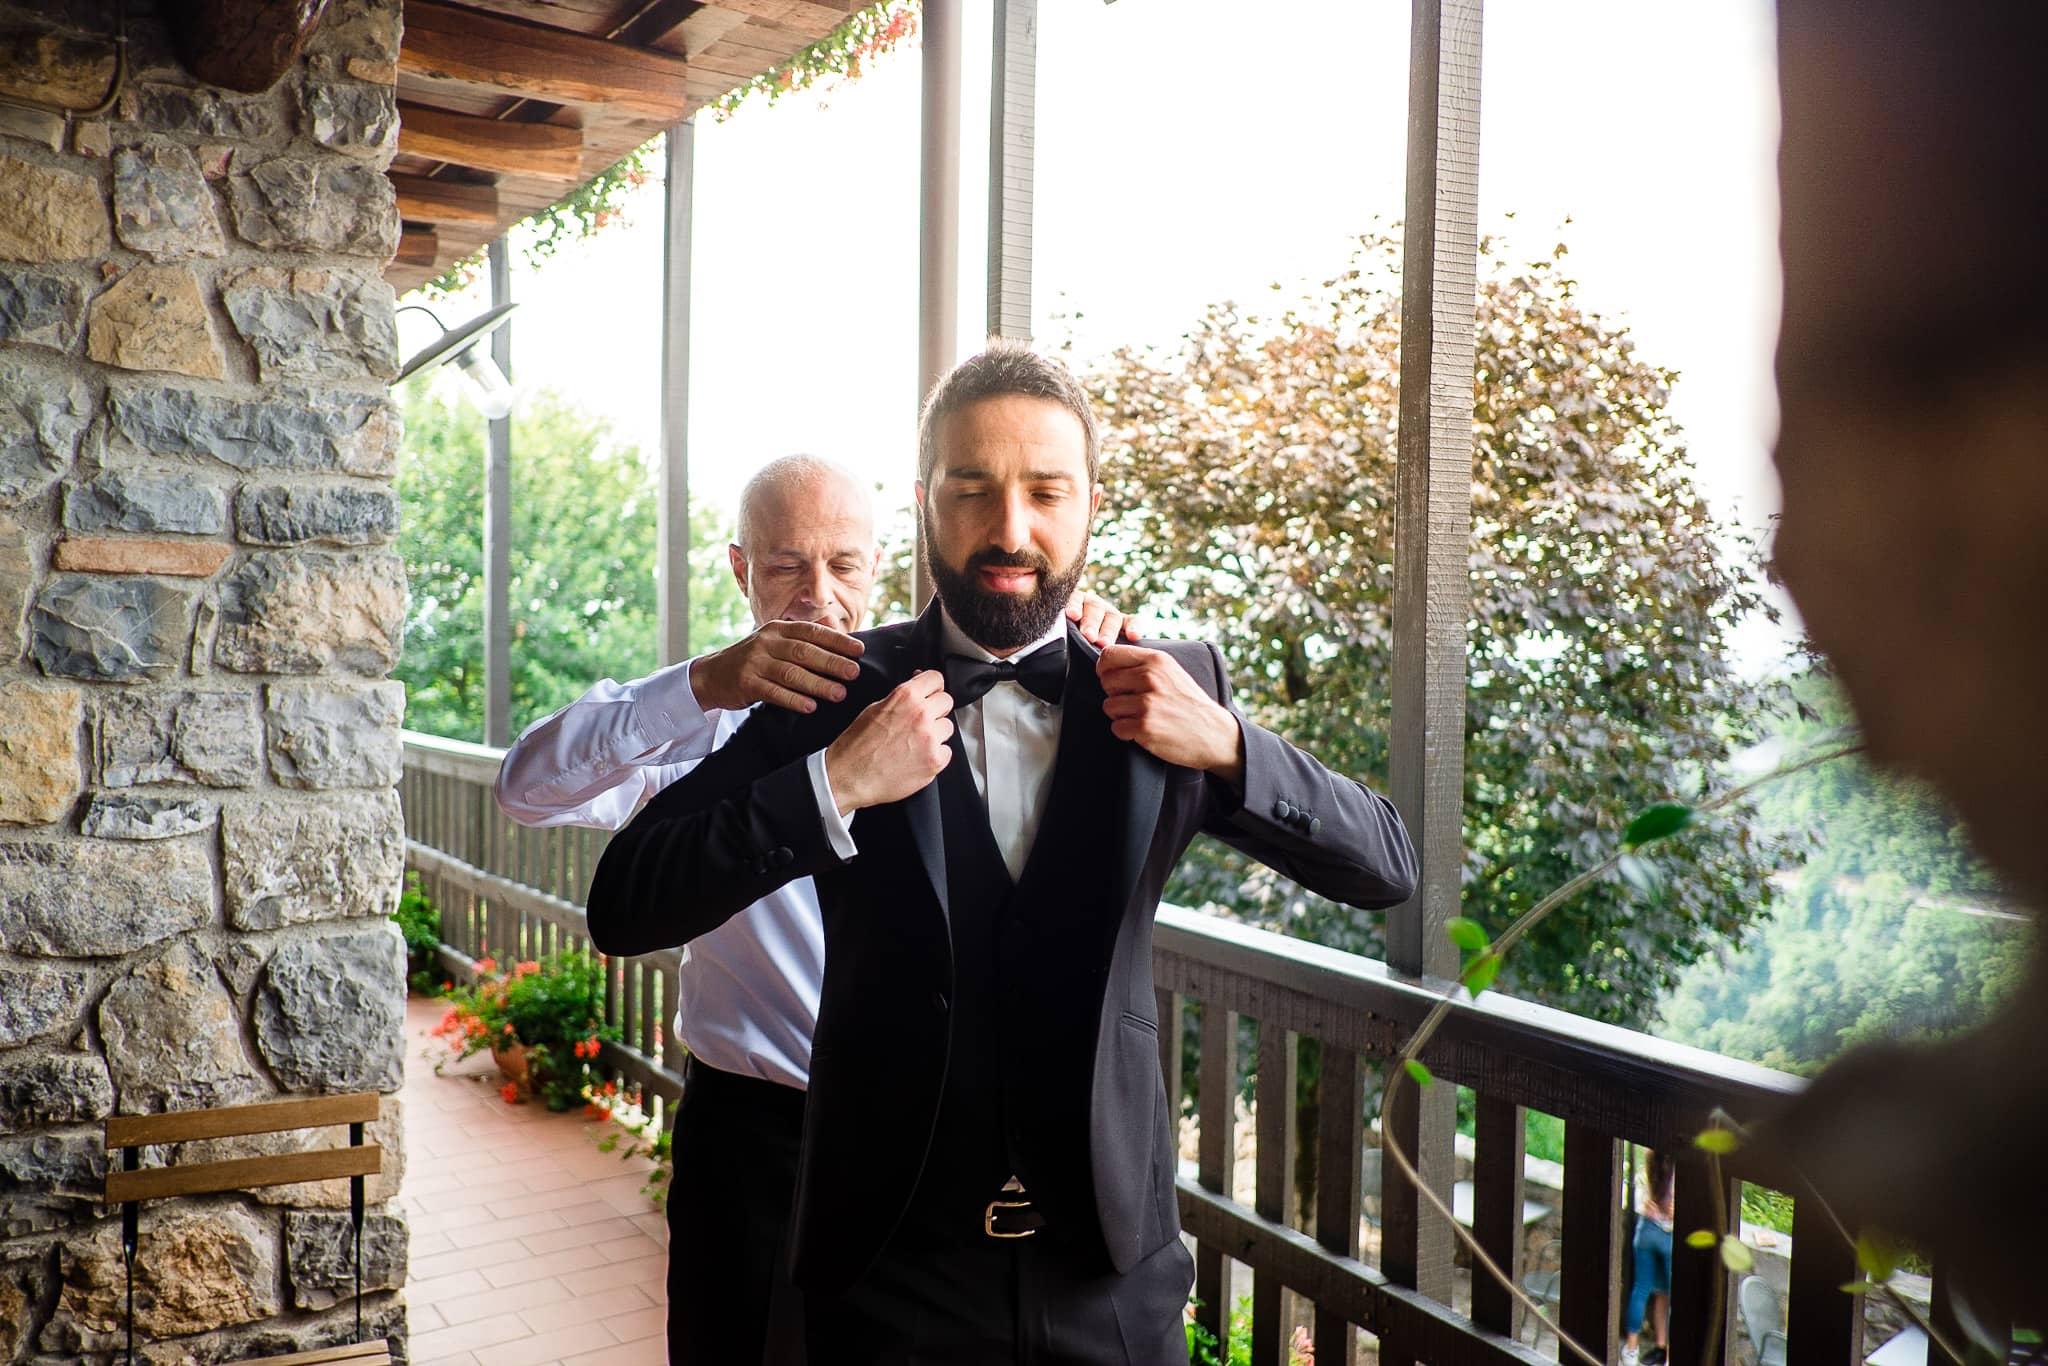 Matrimonio Lecco chiesa promessi sposi 9